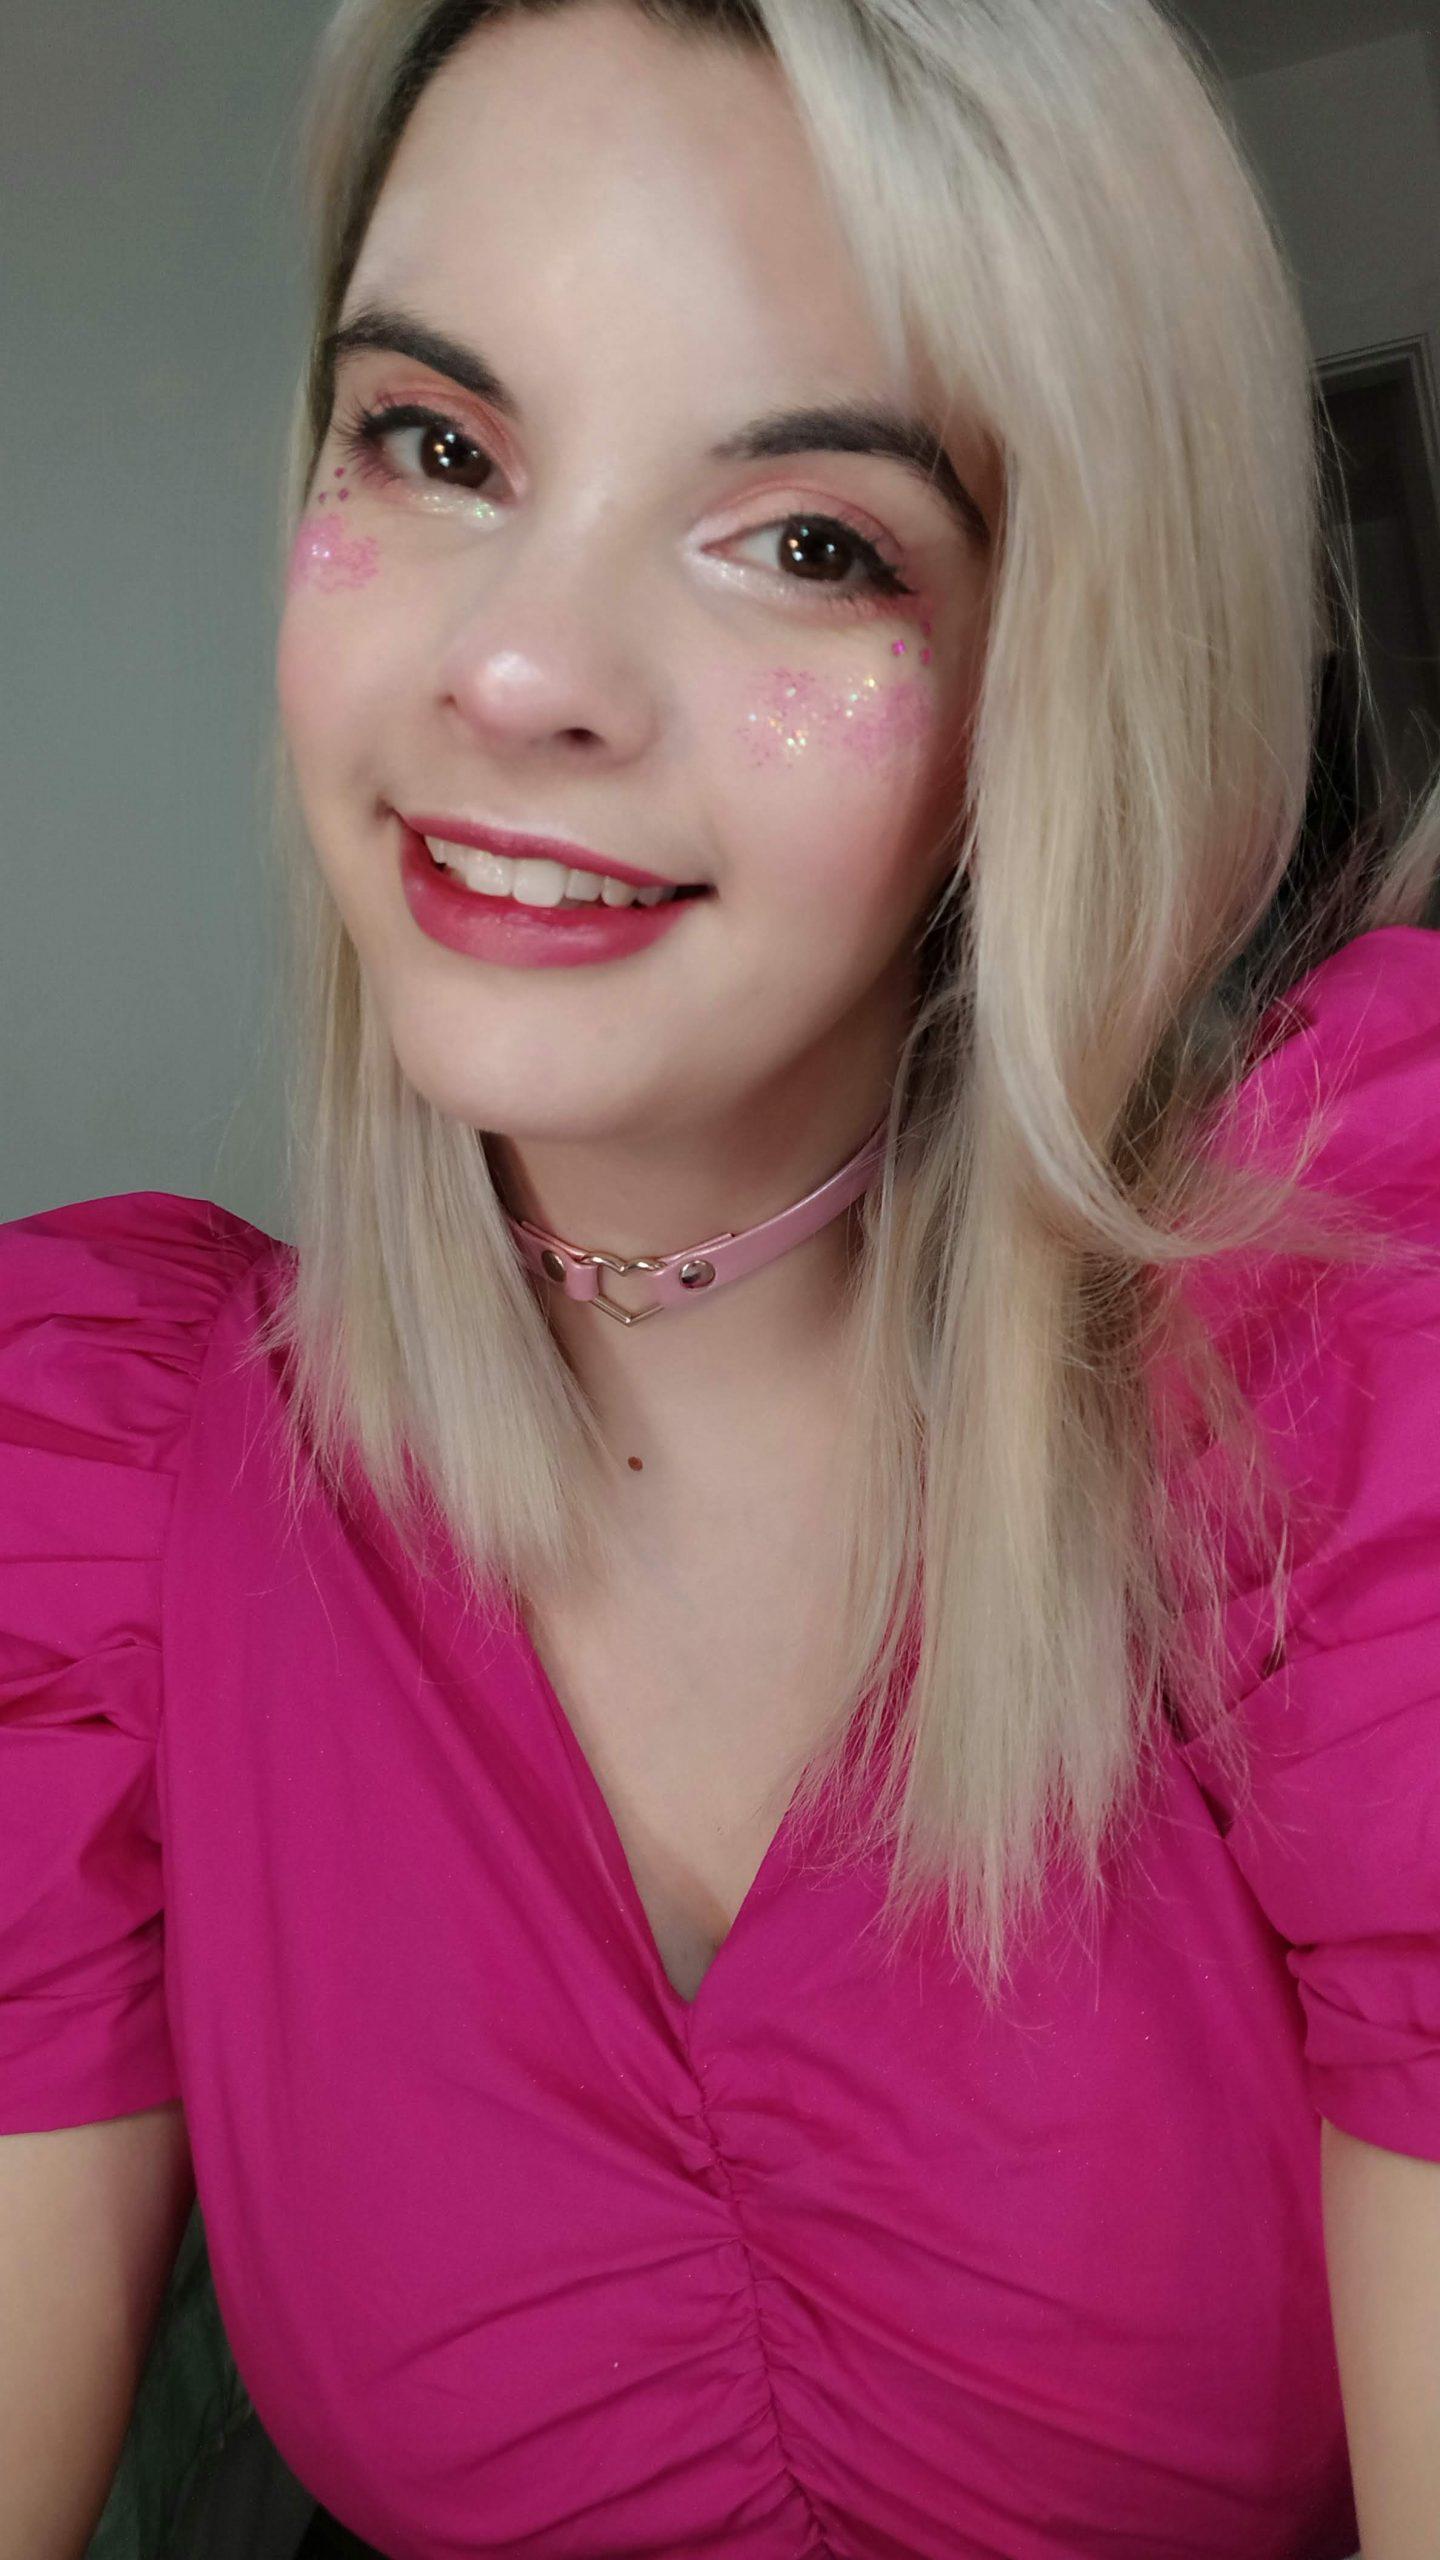 Pâmella Studzinski Sanchez Cosplay Gamer Entrevista